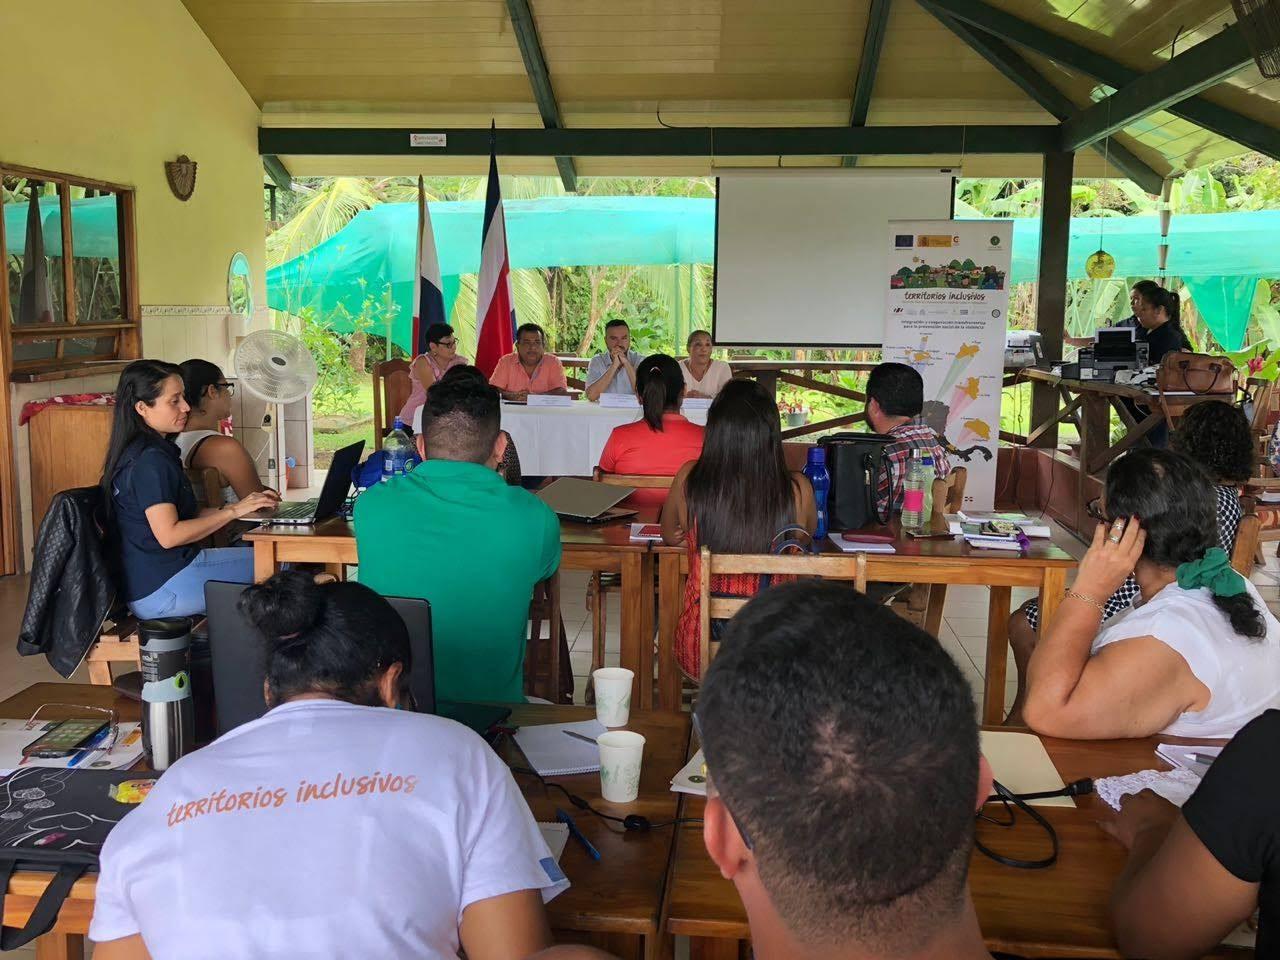 DIPLOMADO REGIONAL SOBRE PREVENCIÓN DE LA VIOLENCIA SE IMPARTE EN TERRITORIOS TRANSFRONTERIZOS DE COSTA RICA Y PANAMÁ